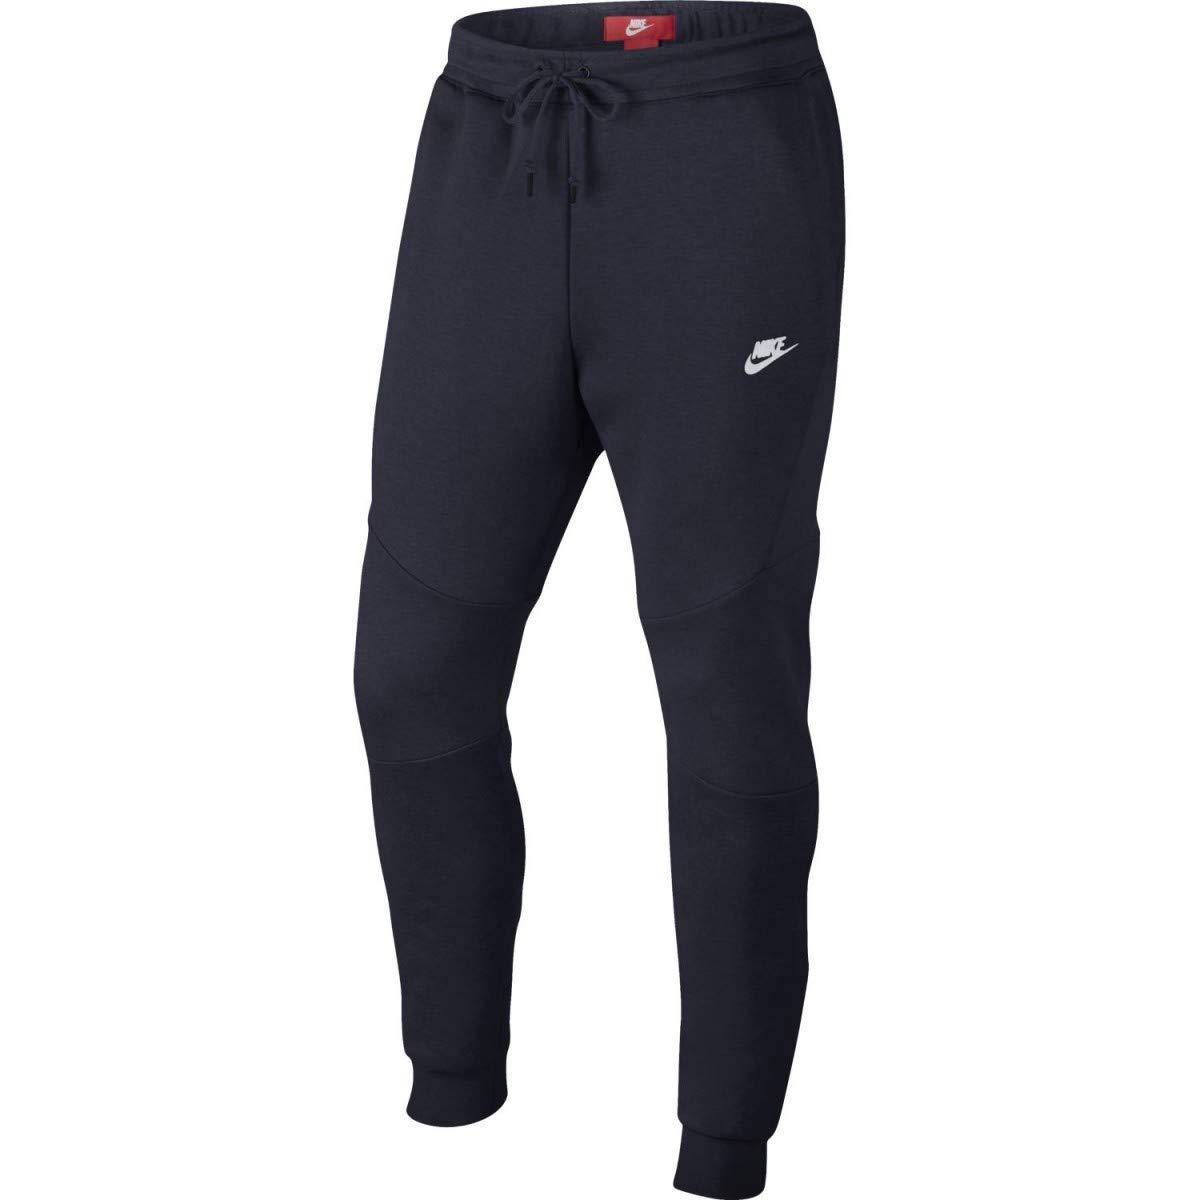 NIKE Tech Fleece Men's Sportswear Fashion Casual Joggers Blue 805162-455 (Size XS)